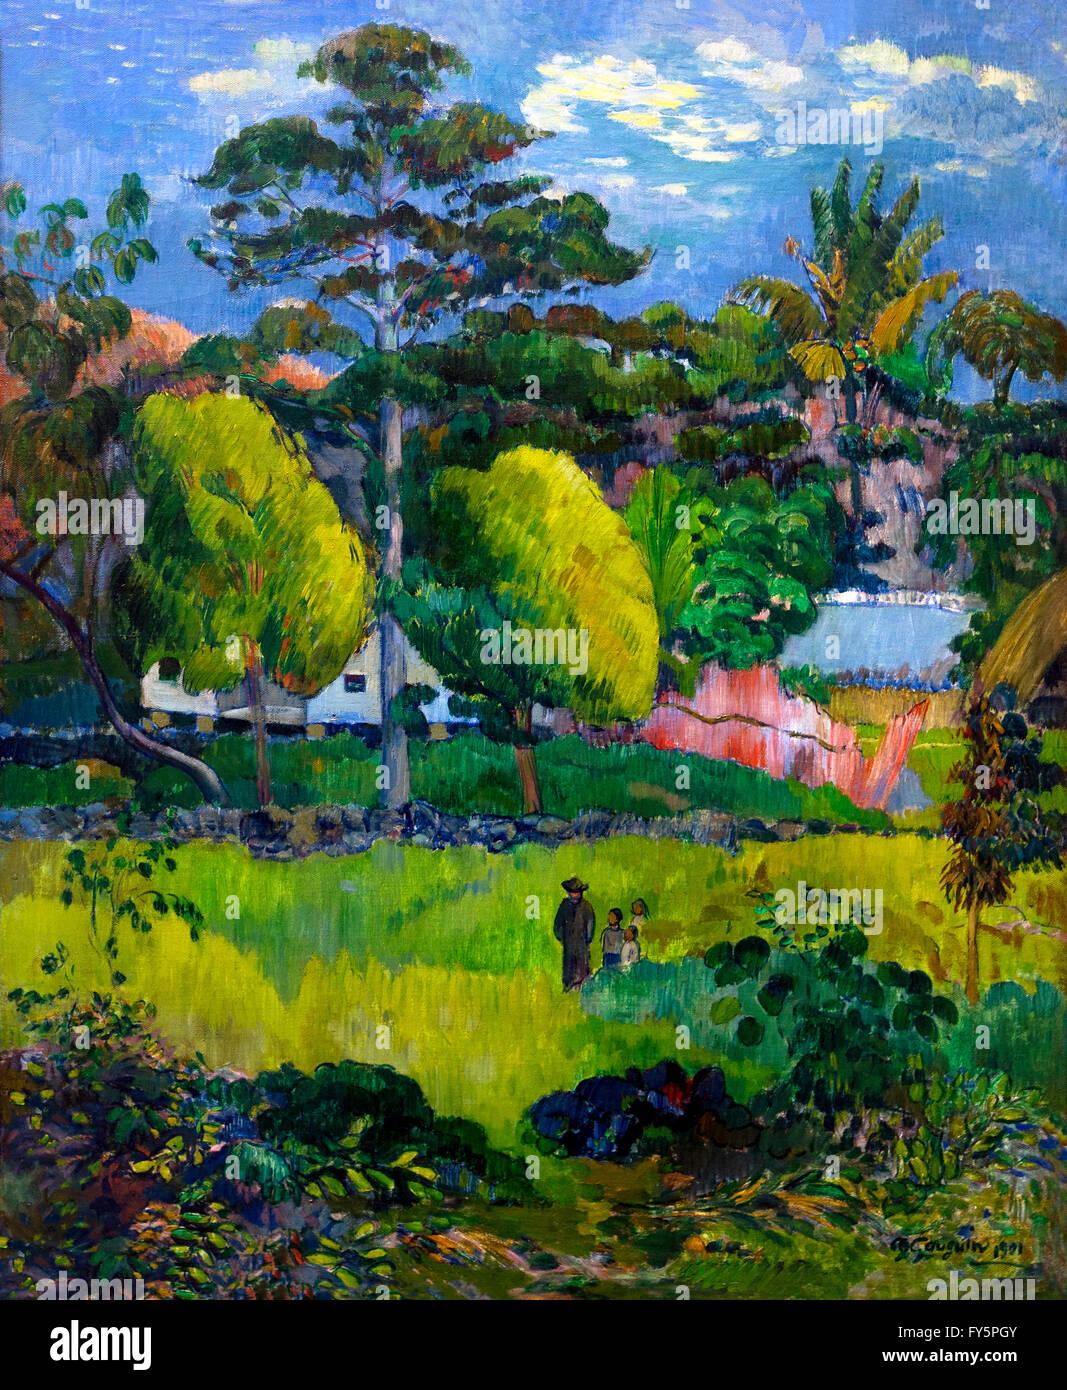 Landscape, Paysage, by Paul Gauguin, 1901, Musee de L'Orangerie, Paris, France, Europe - Stock Image